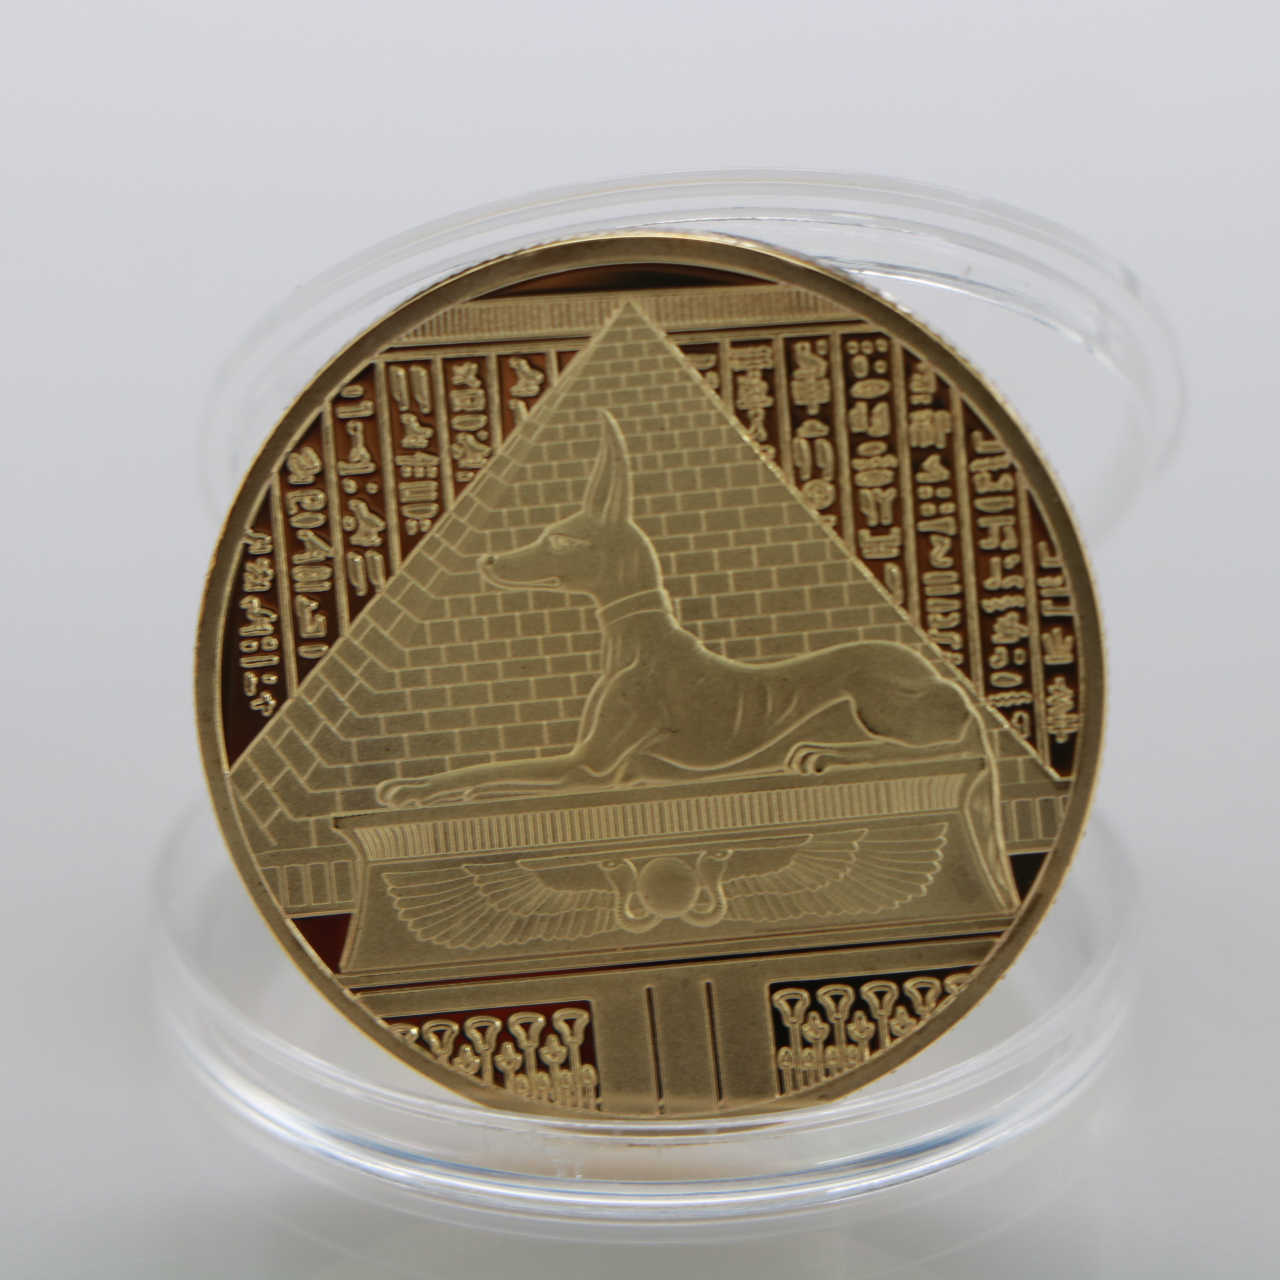 Mạ Vàng Ai Cập Chết Bảo Vệ Anubis Đồng Tiền Sao Chép Đồng Tiền Ai Cập Thần Chết Tiền Kim Loại Kỷ Niệm Bộ Sưu Tập Quà Tặng